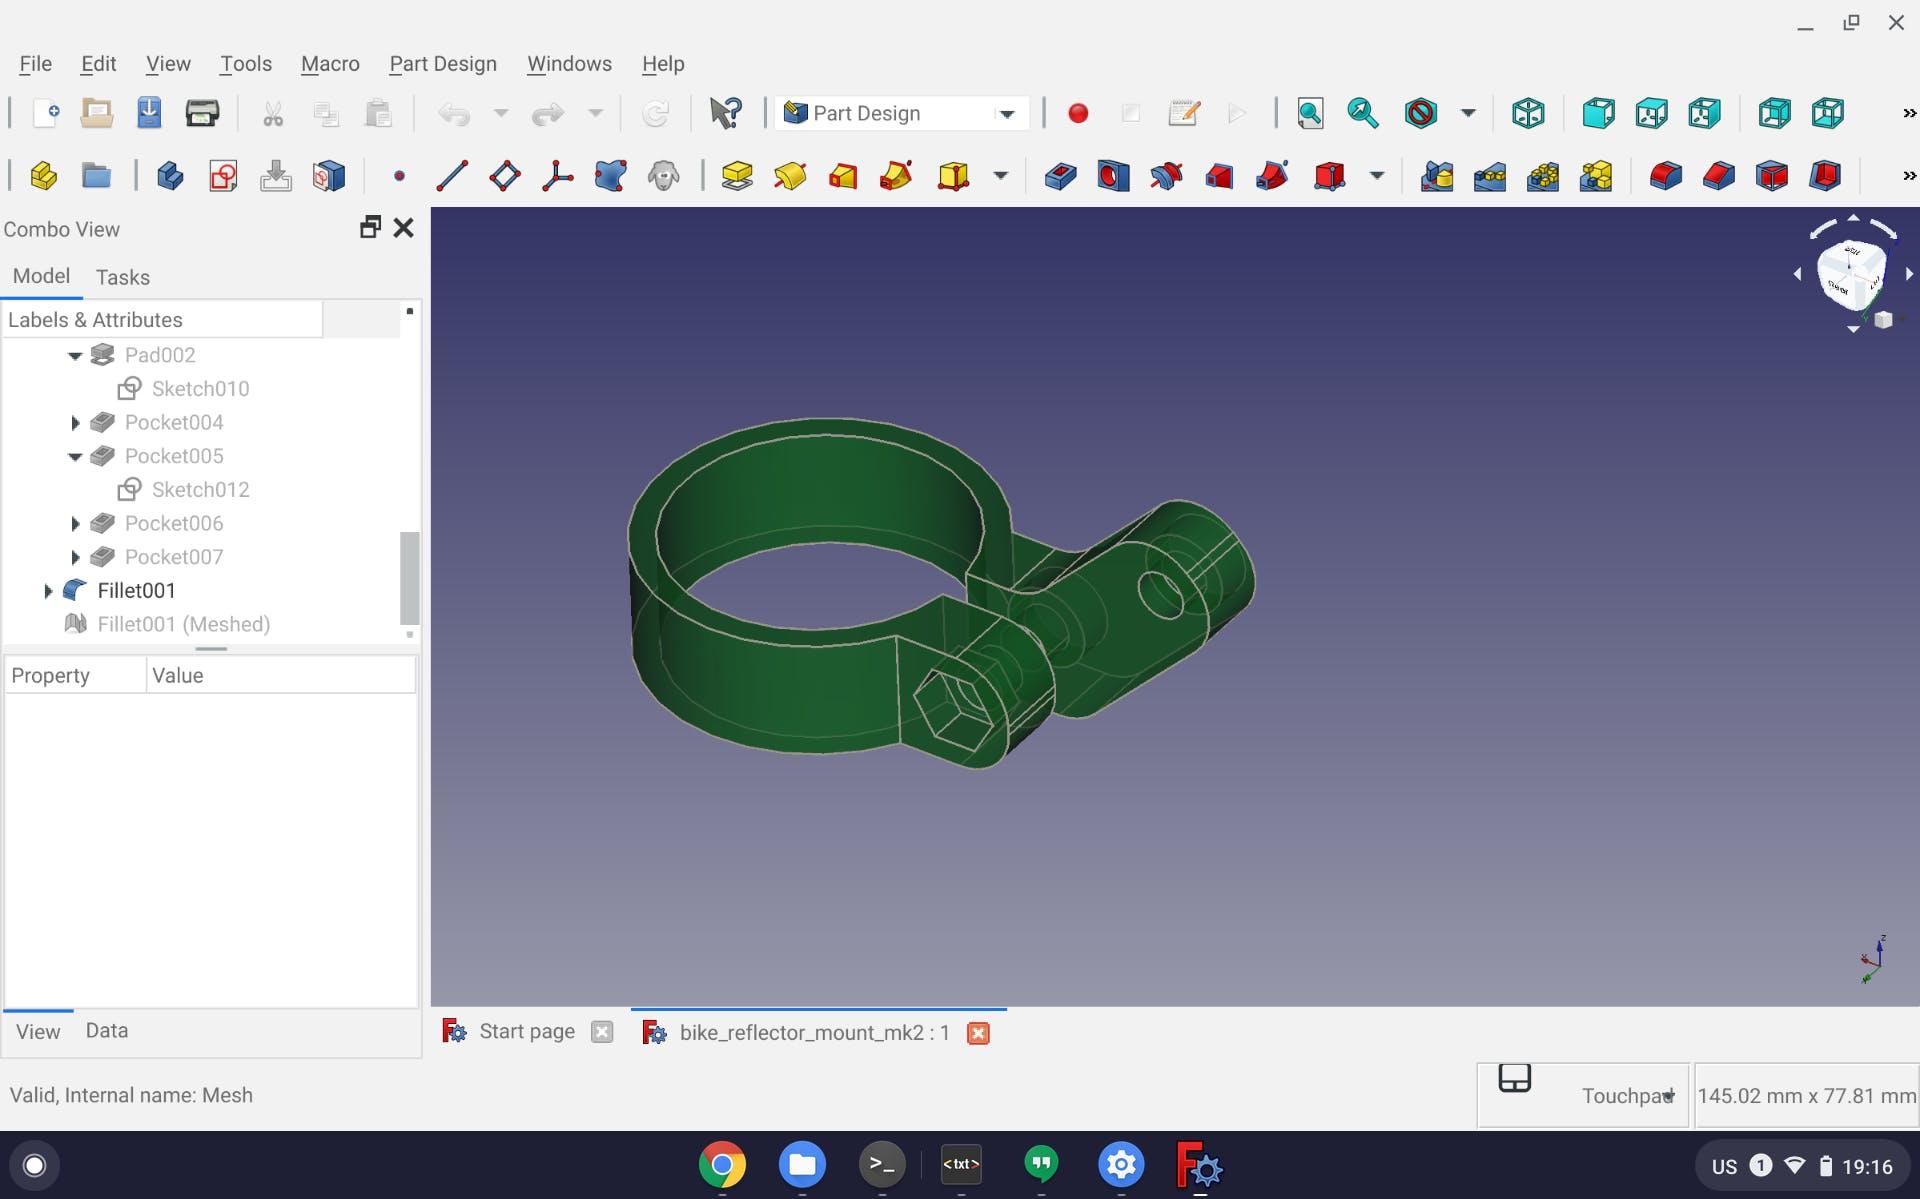 Screenshot 2020-10-27 at 19.16.31.png